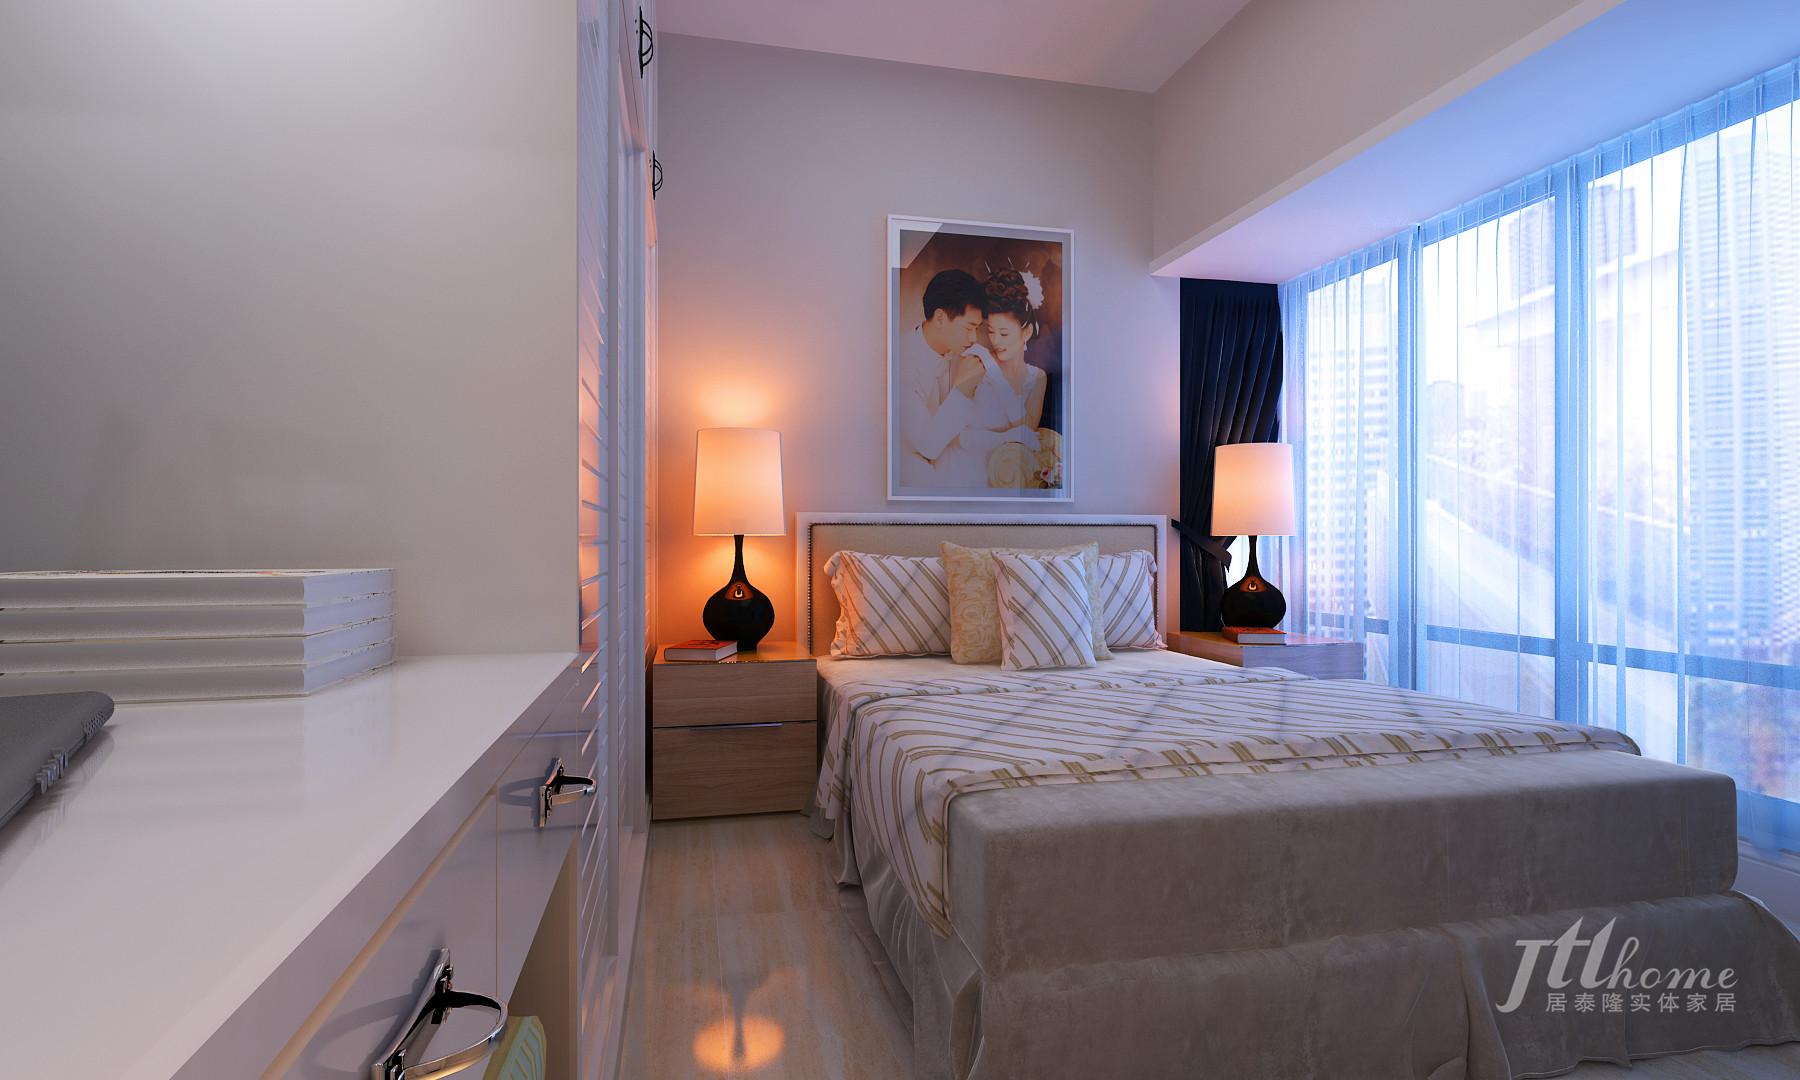 简约 二居 宜居 舒适 温馨 卧室图片来自居泰隆深圳在振业 天峦现代简约二居室的分享